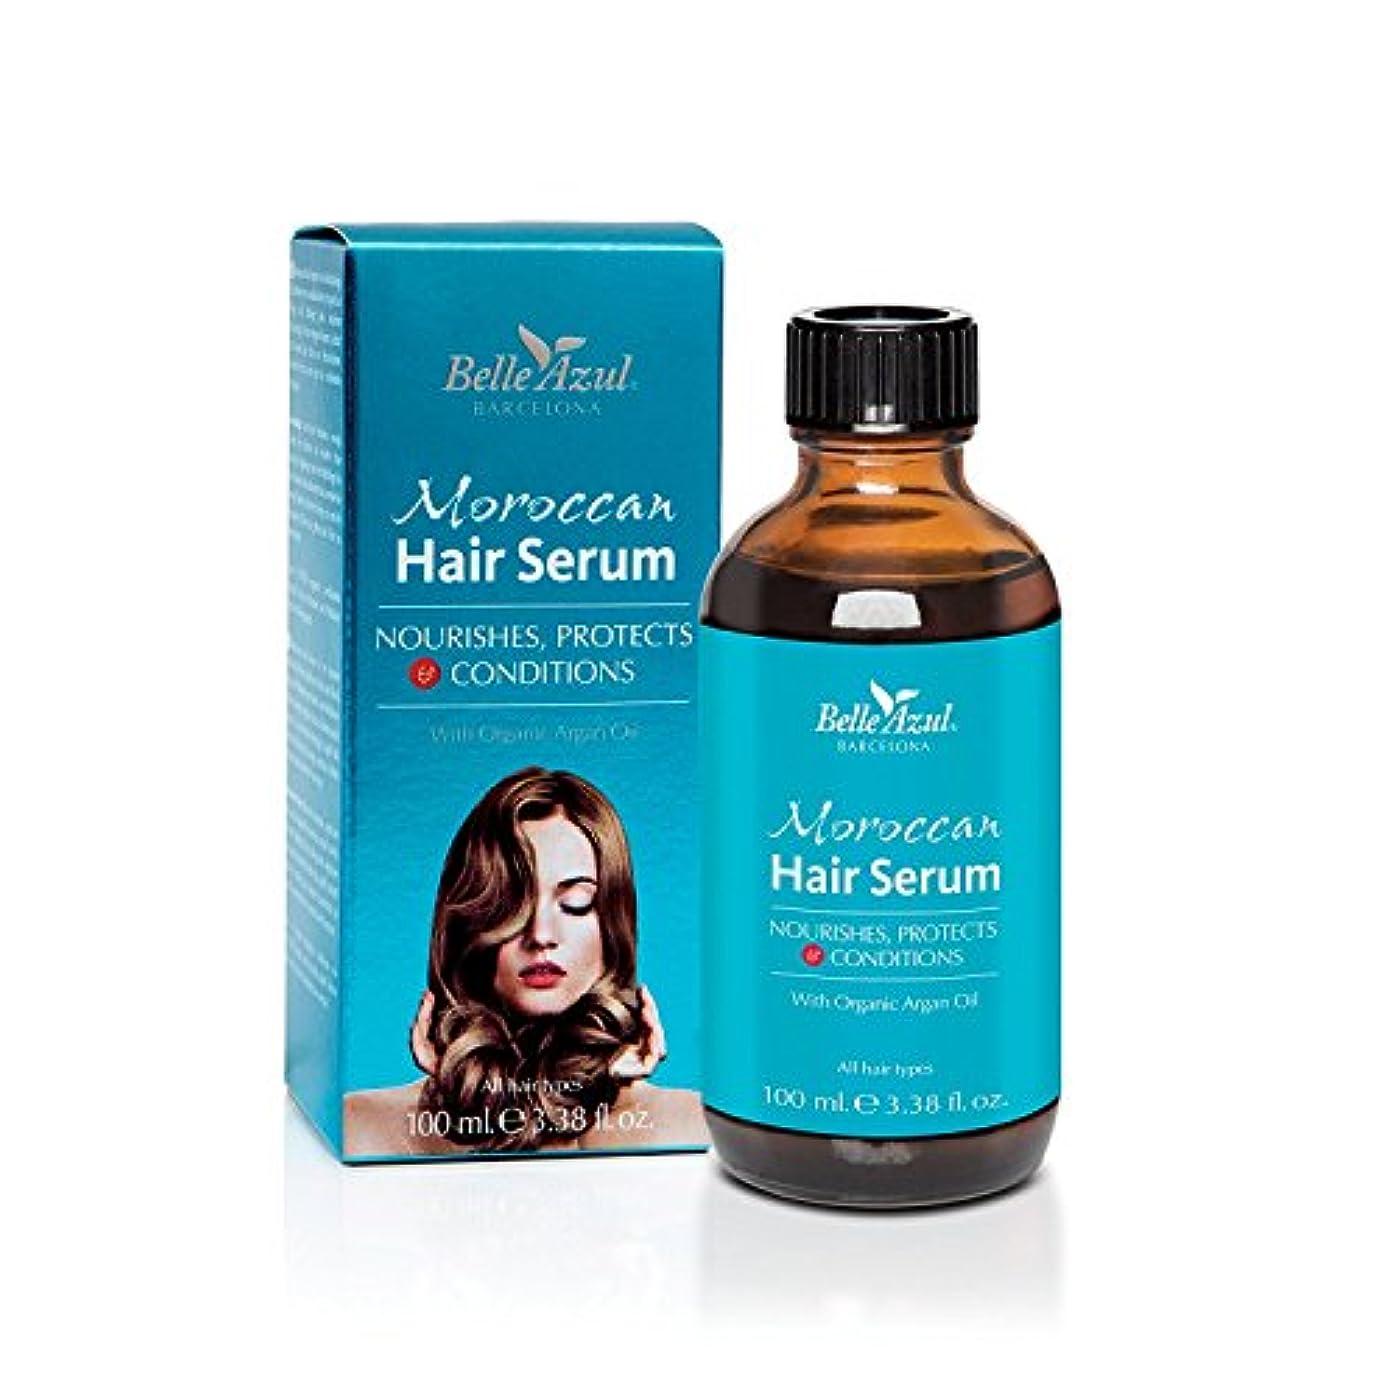 補正ハロウィン主人ベルアスール (Belle Azul) モロッカン ヘア セラム 髪用 美容液 アルガンオイル 配合